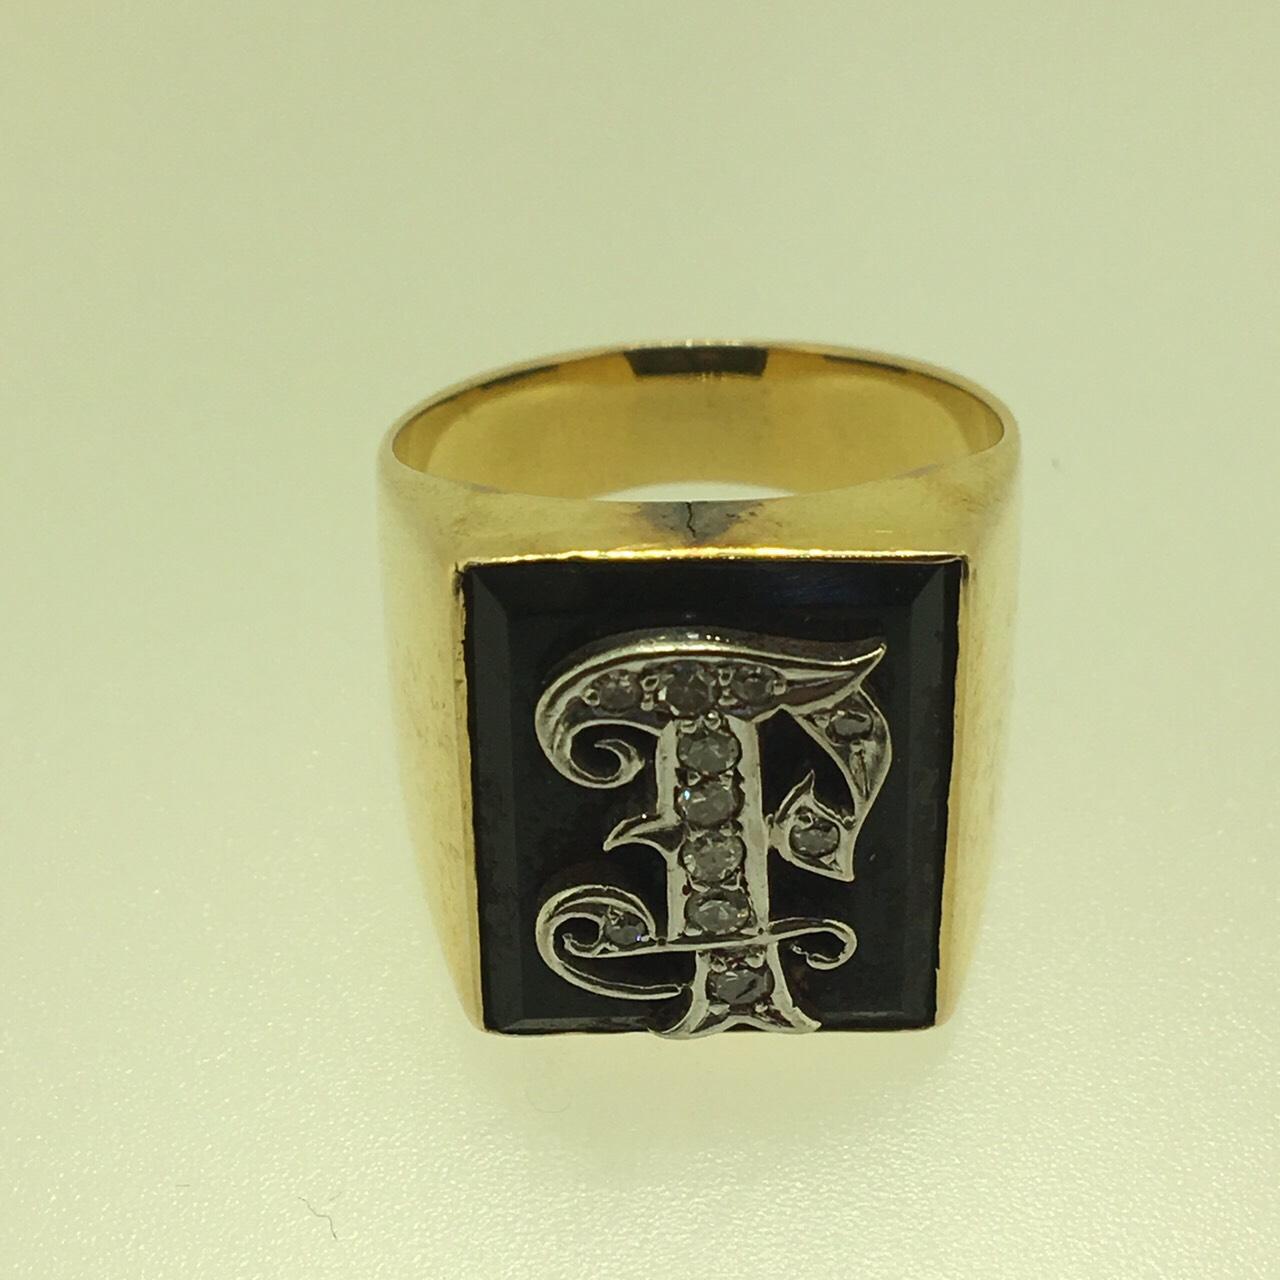 รับซื้อแหวนตัวอักษรฝังเพชร